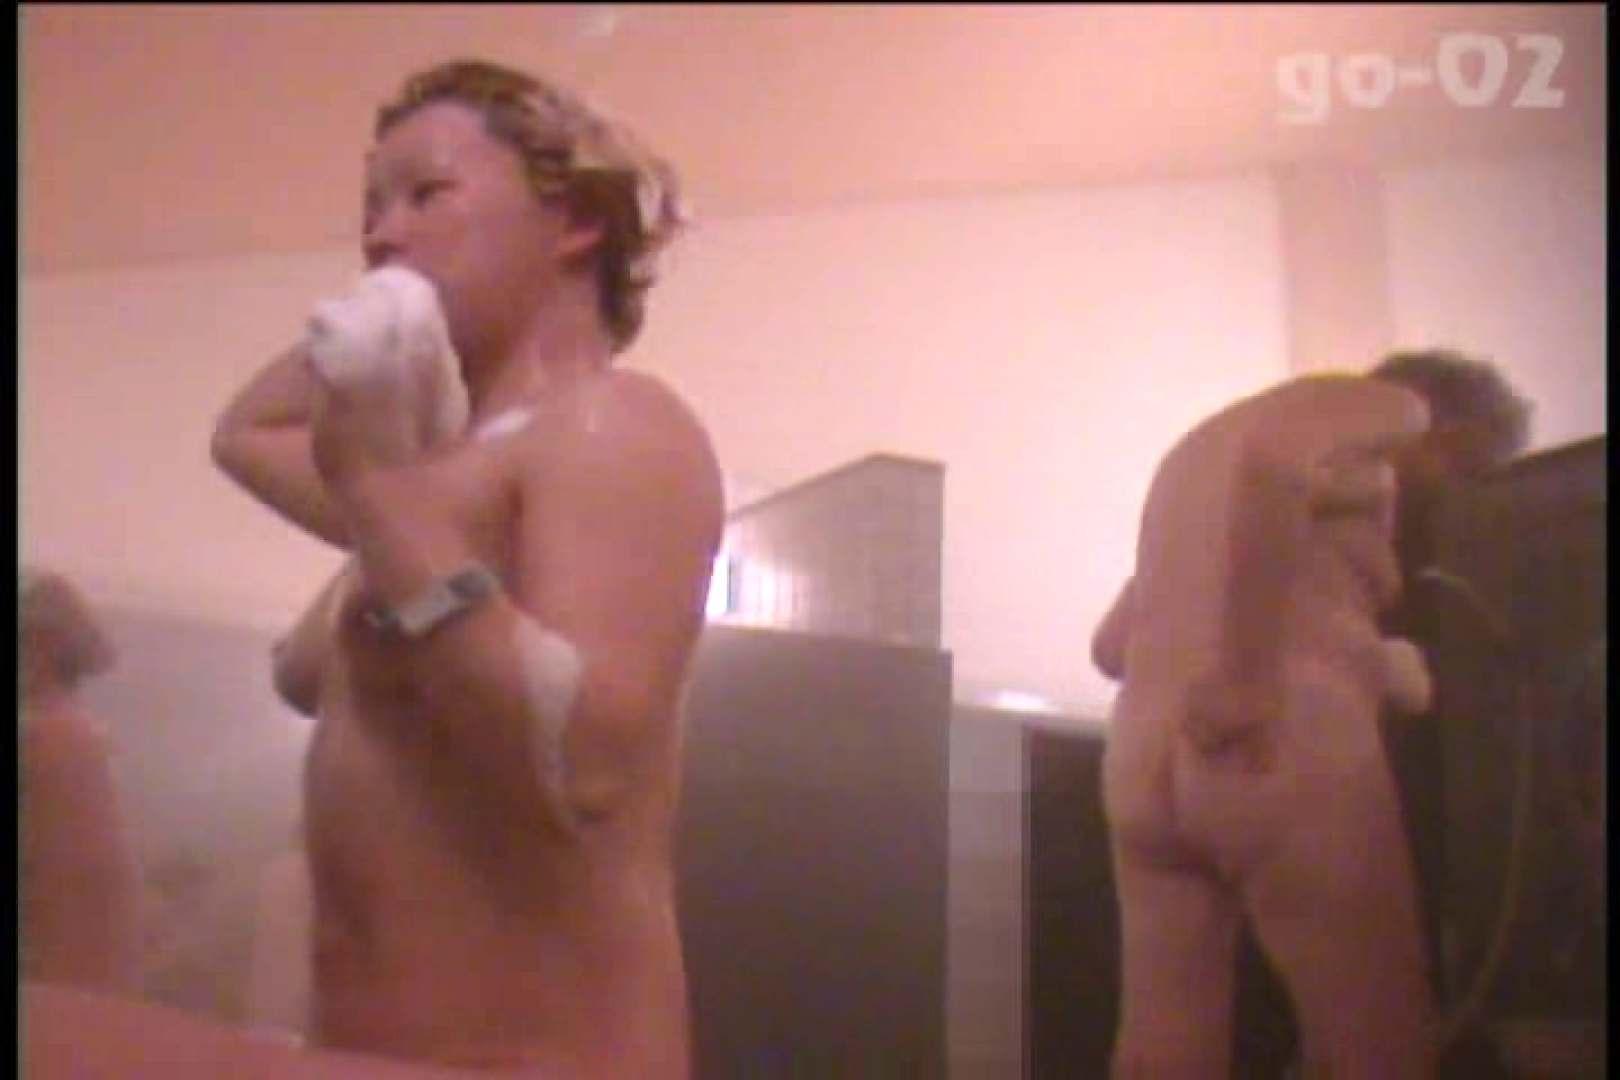 電波カメラ設置浴場からの防HAN映像 Vol.02 OLの実態 | 盗撮  105pic 31